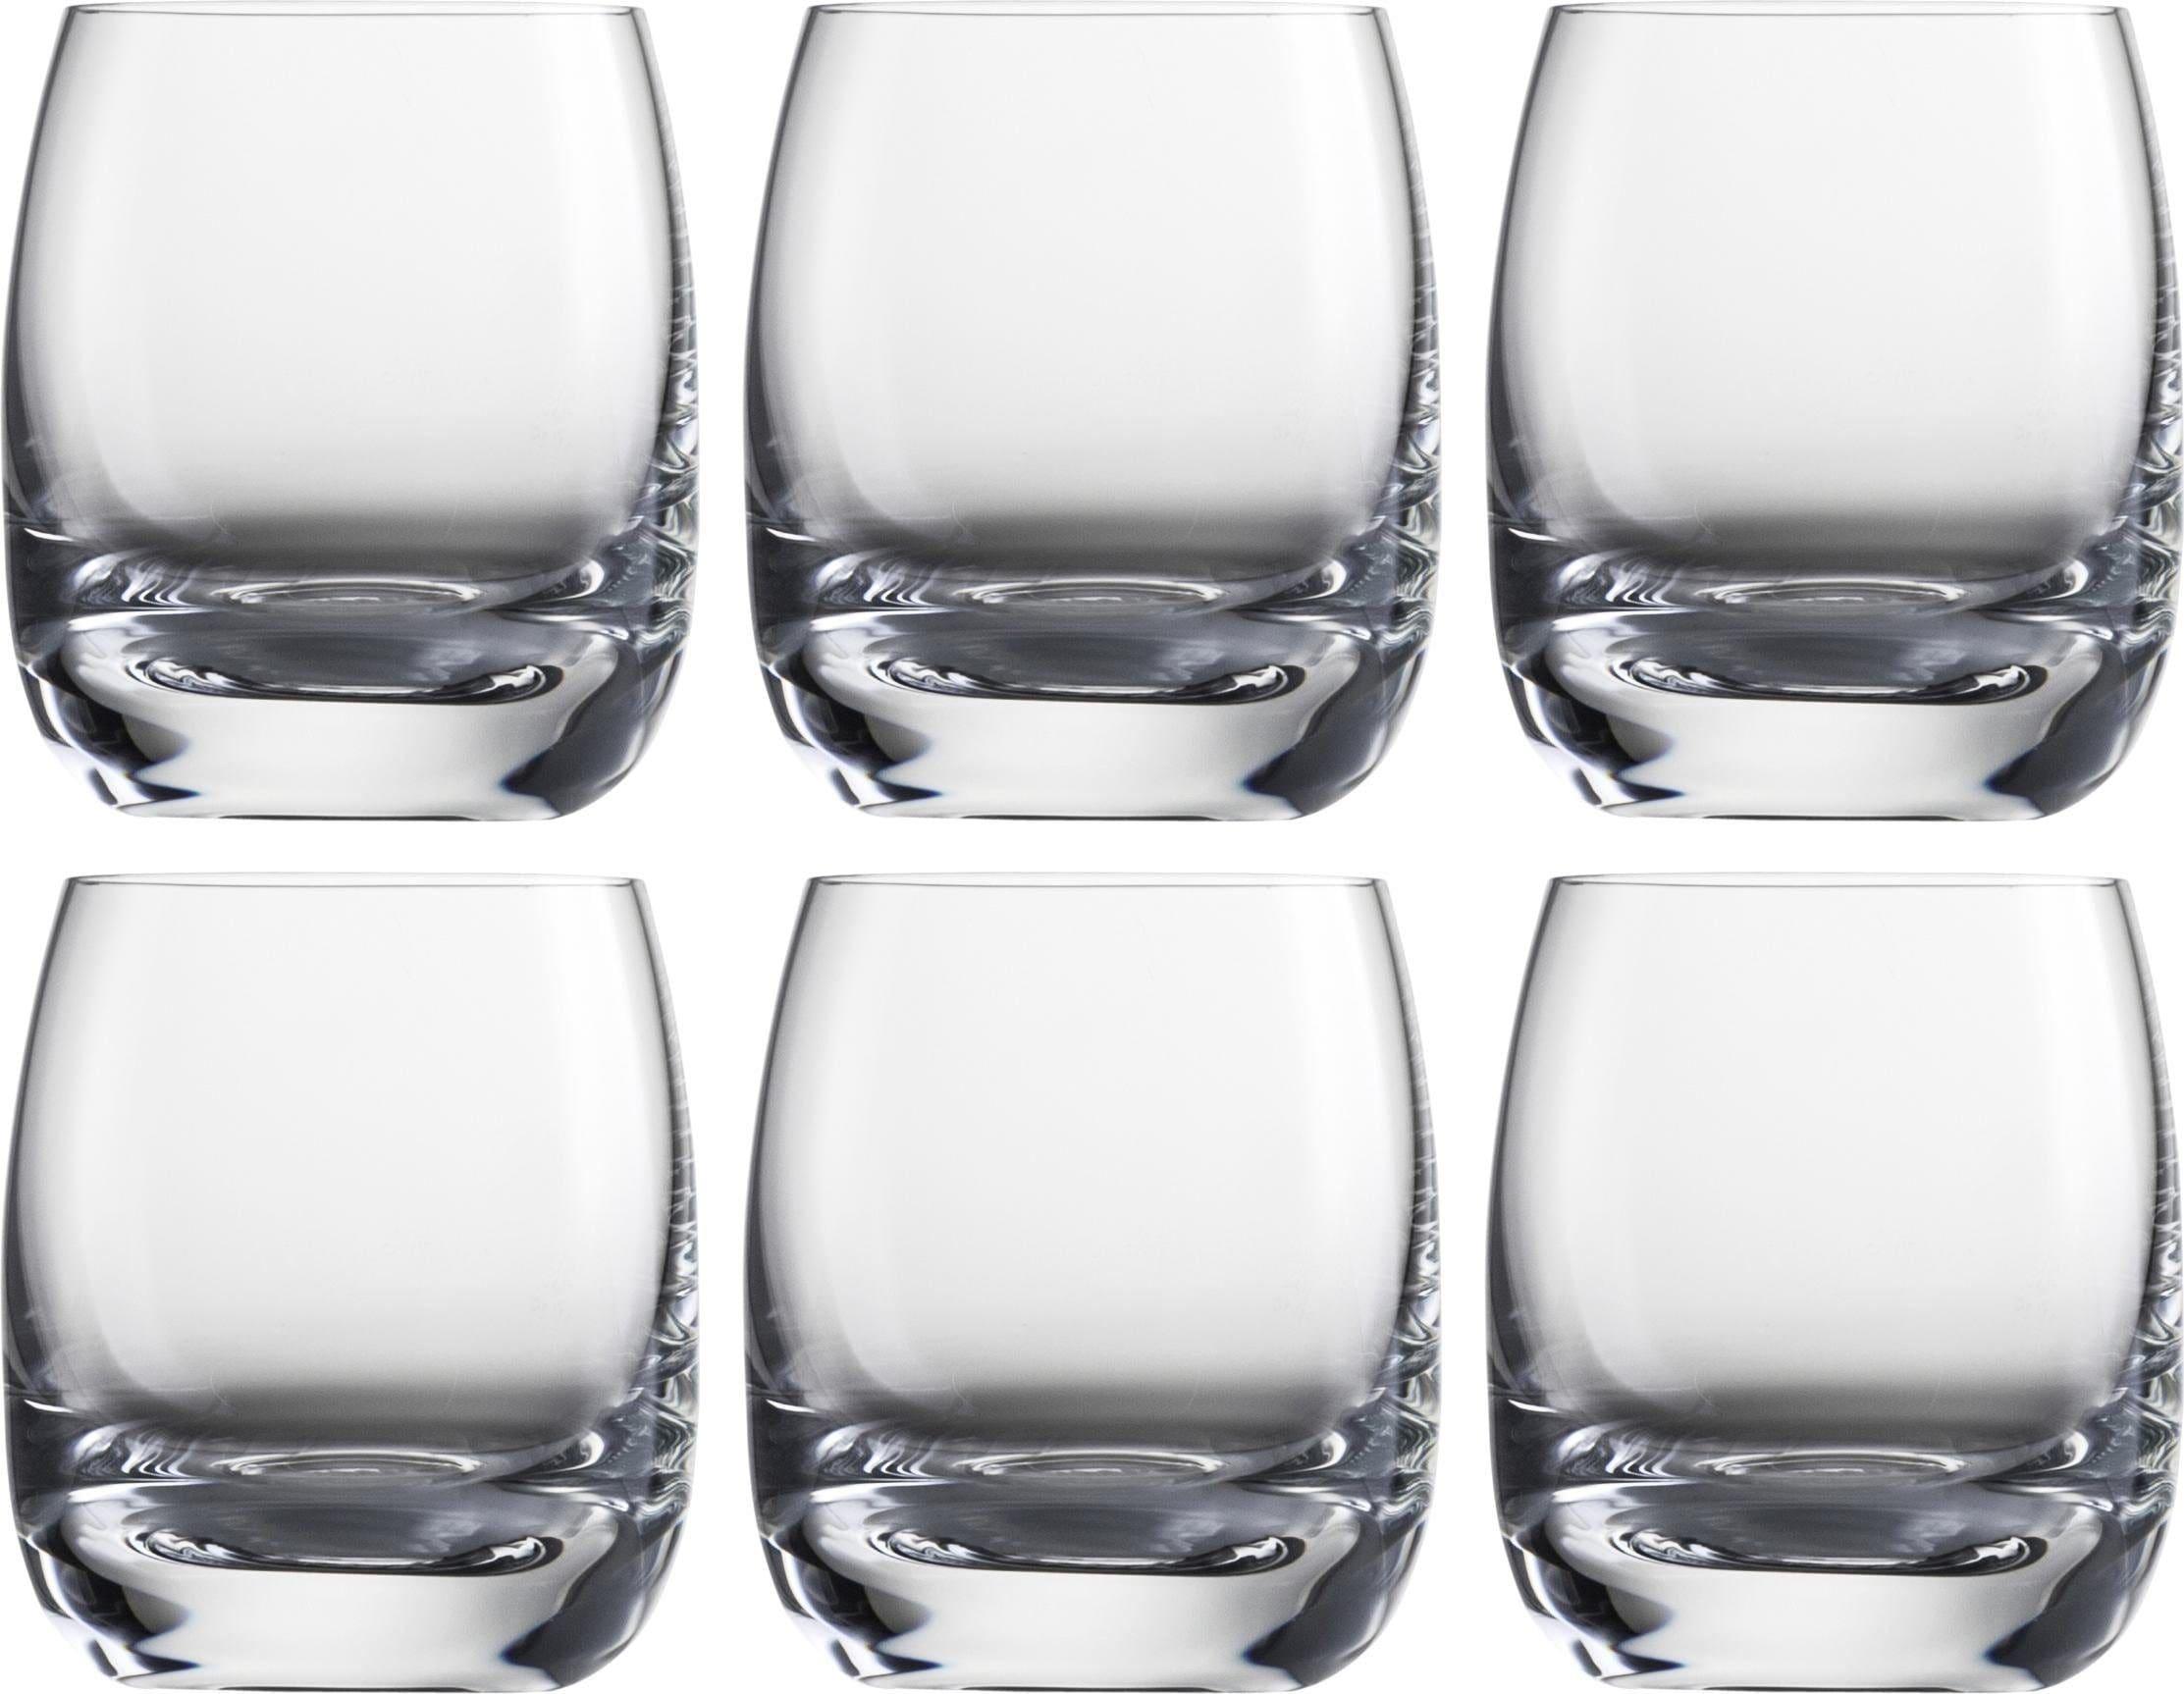 Eisch Schnapsglas (6-tlg.) farblos Kristallgläser Gläser Glaswaren Haushaltswaren Trinkgefäße